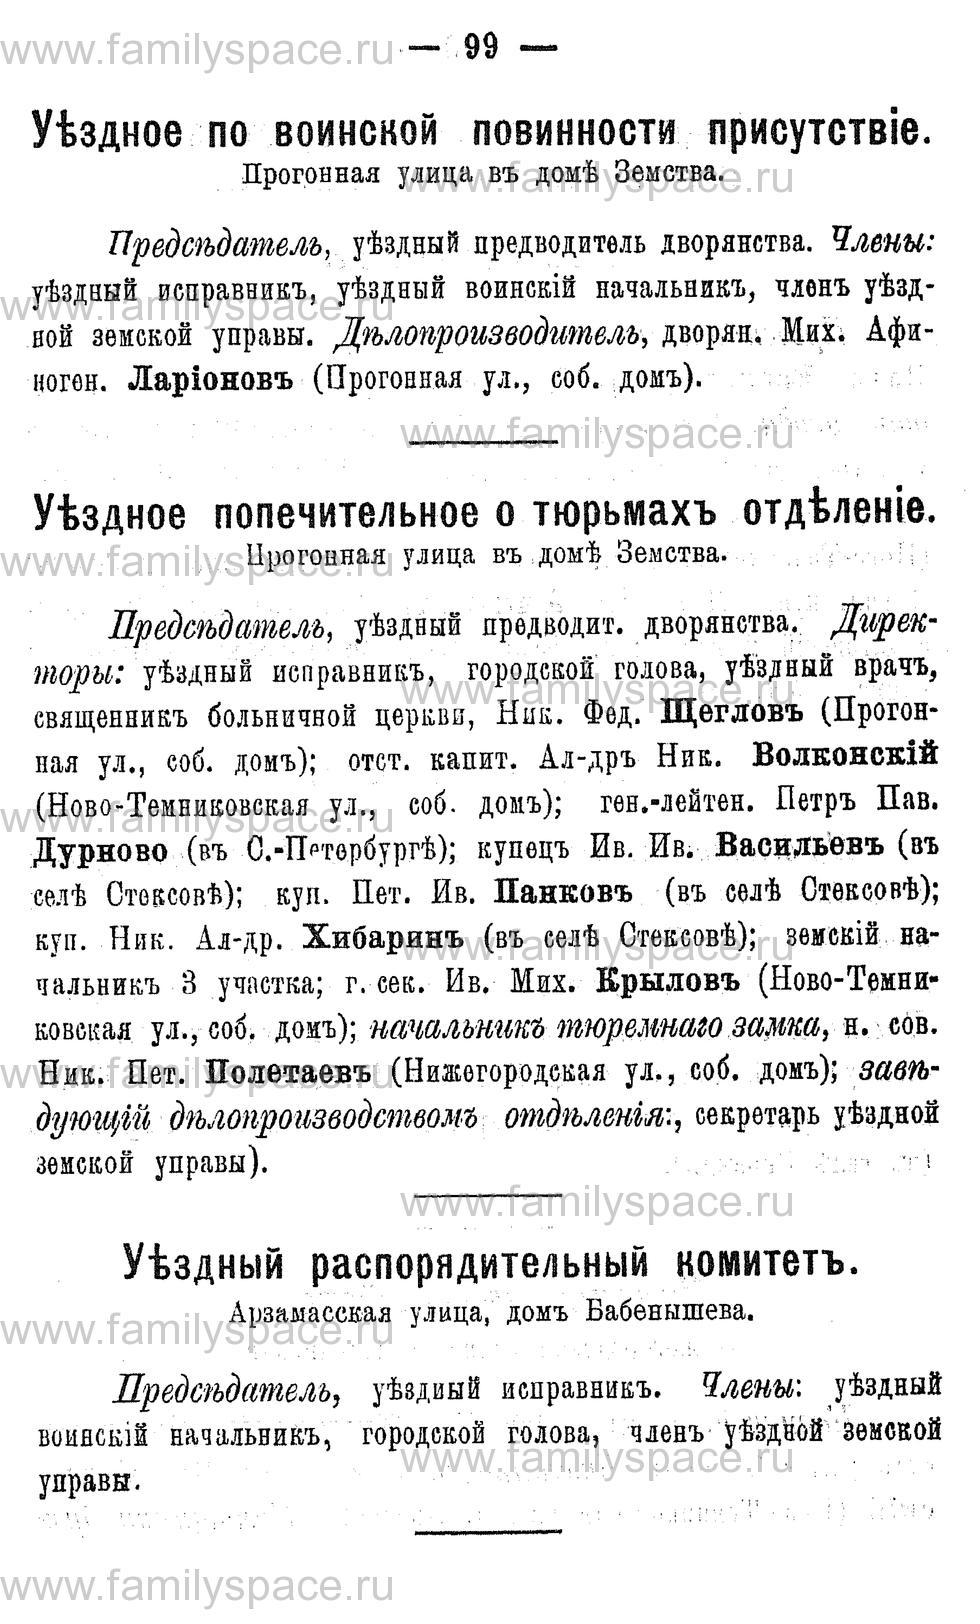 Поиск по фамилии - Адрес-календарь Нижегородской губернии на 1891 год, страница 99